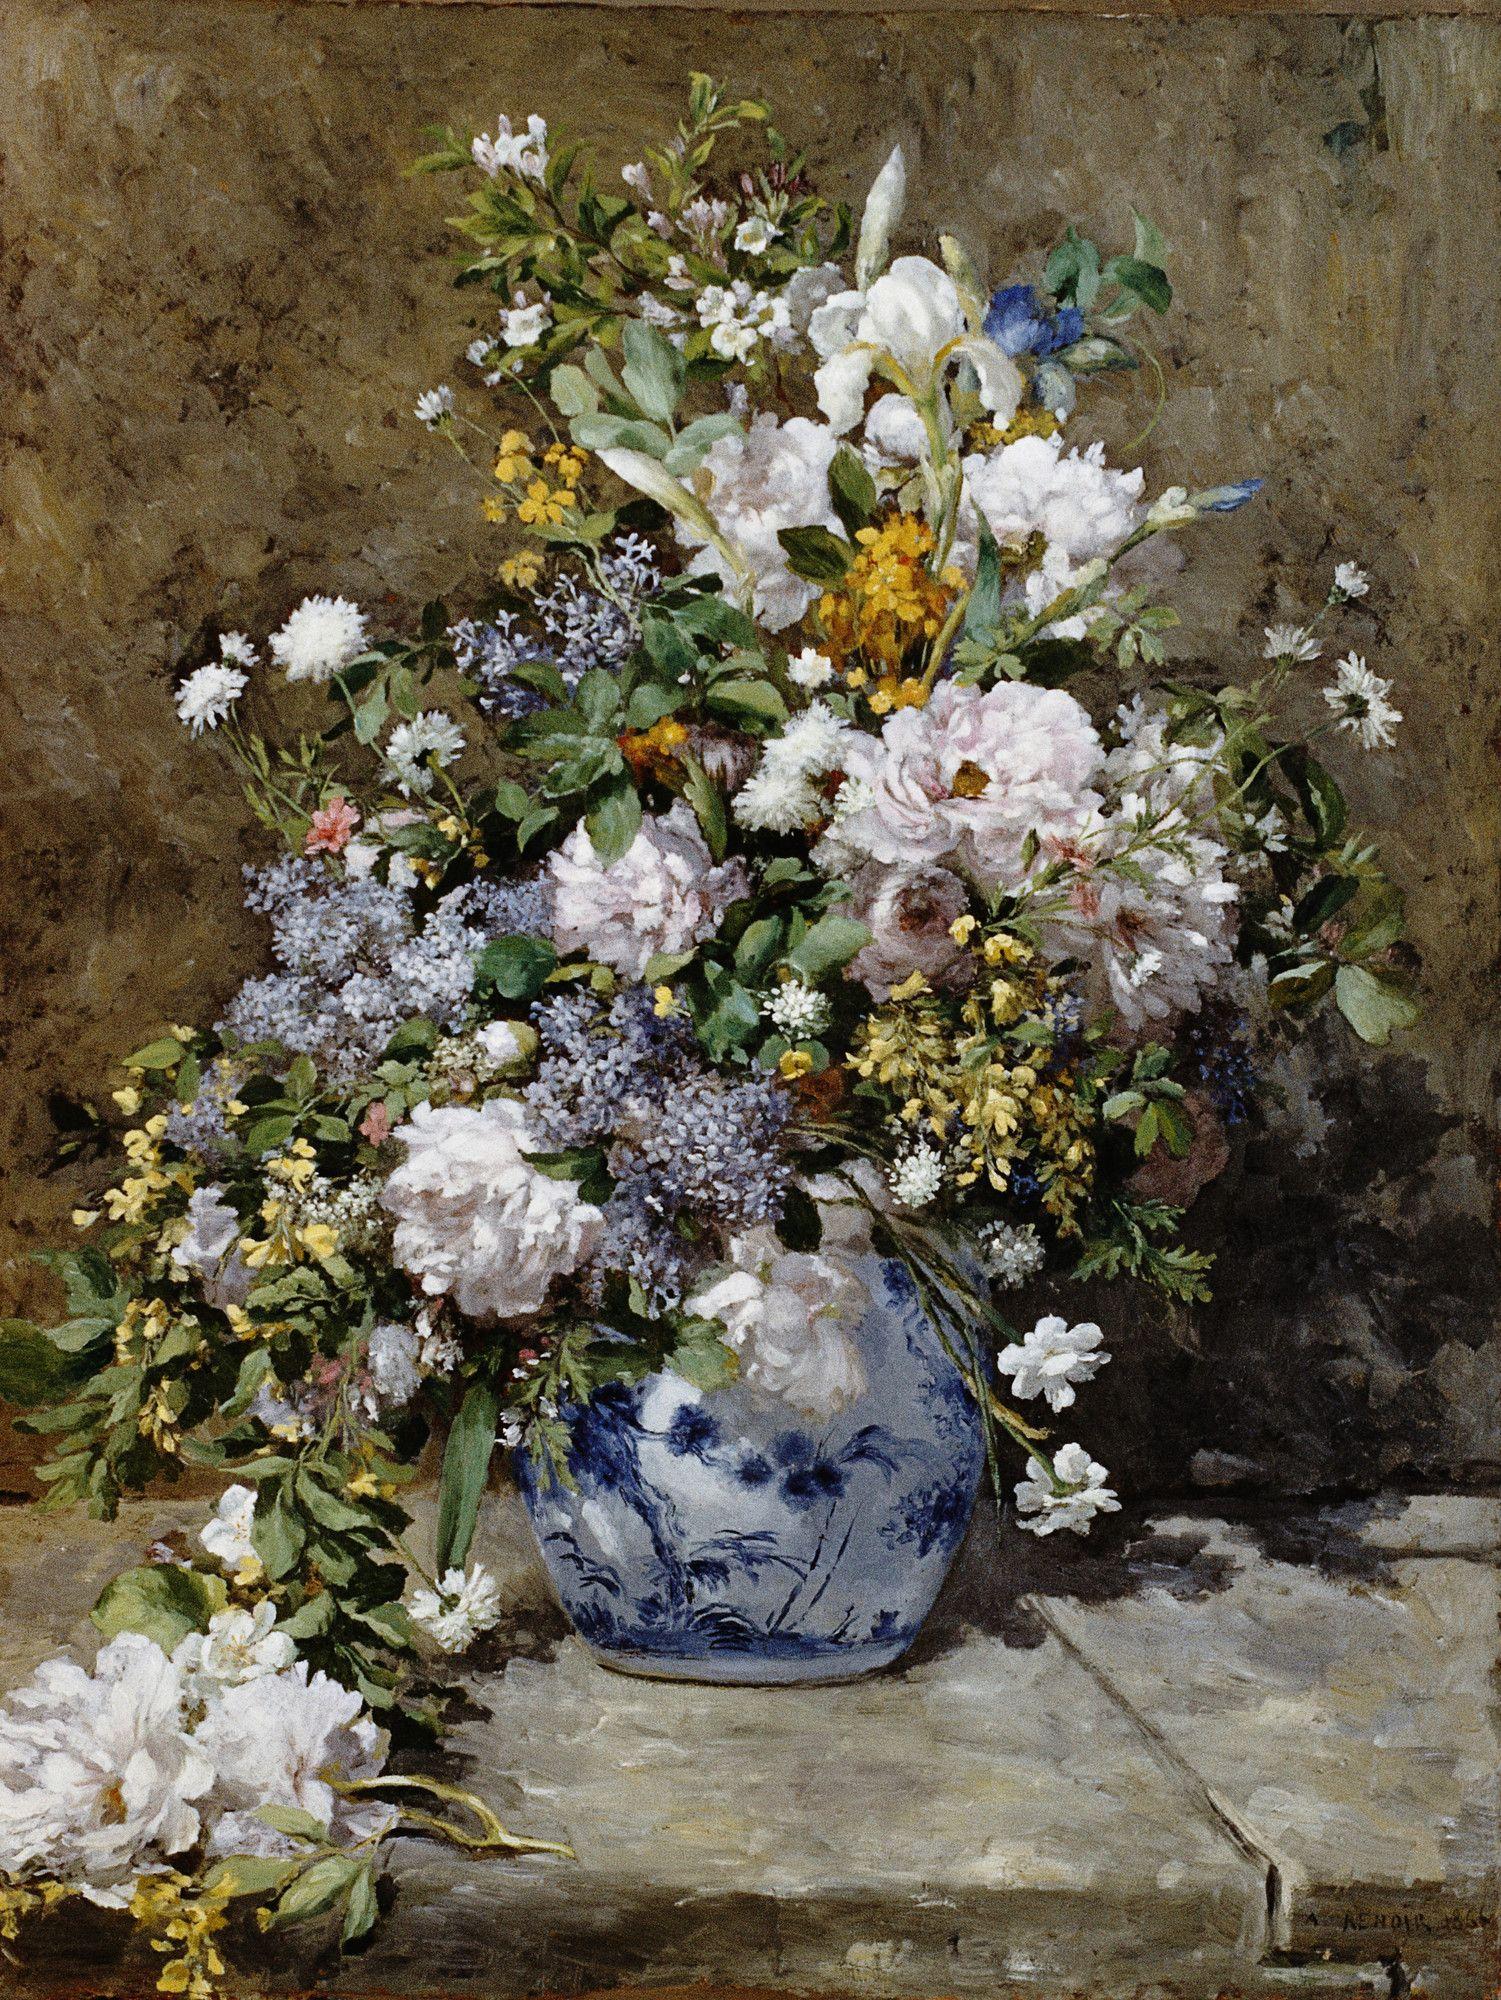 Натюрморт с большой цветочной вазой ::   Ренуар Пьер Огюст ( Франция ) - Pierre-Auguste Renoir фото